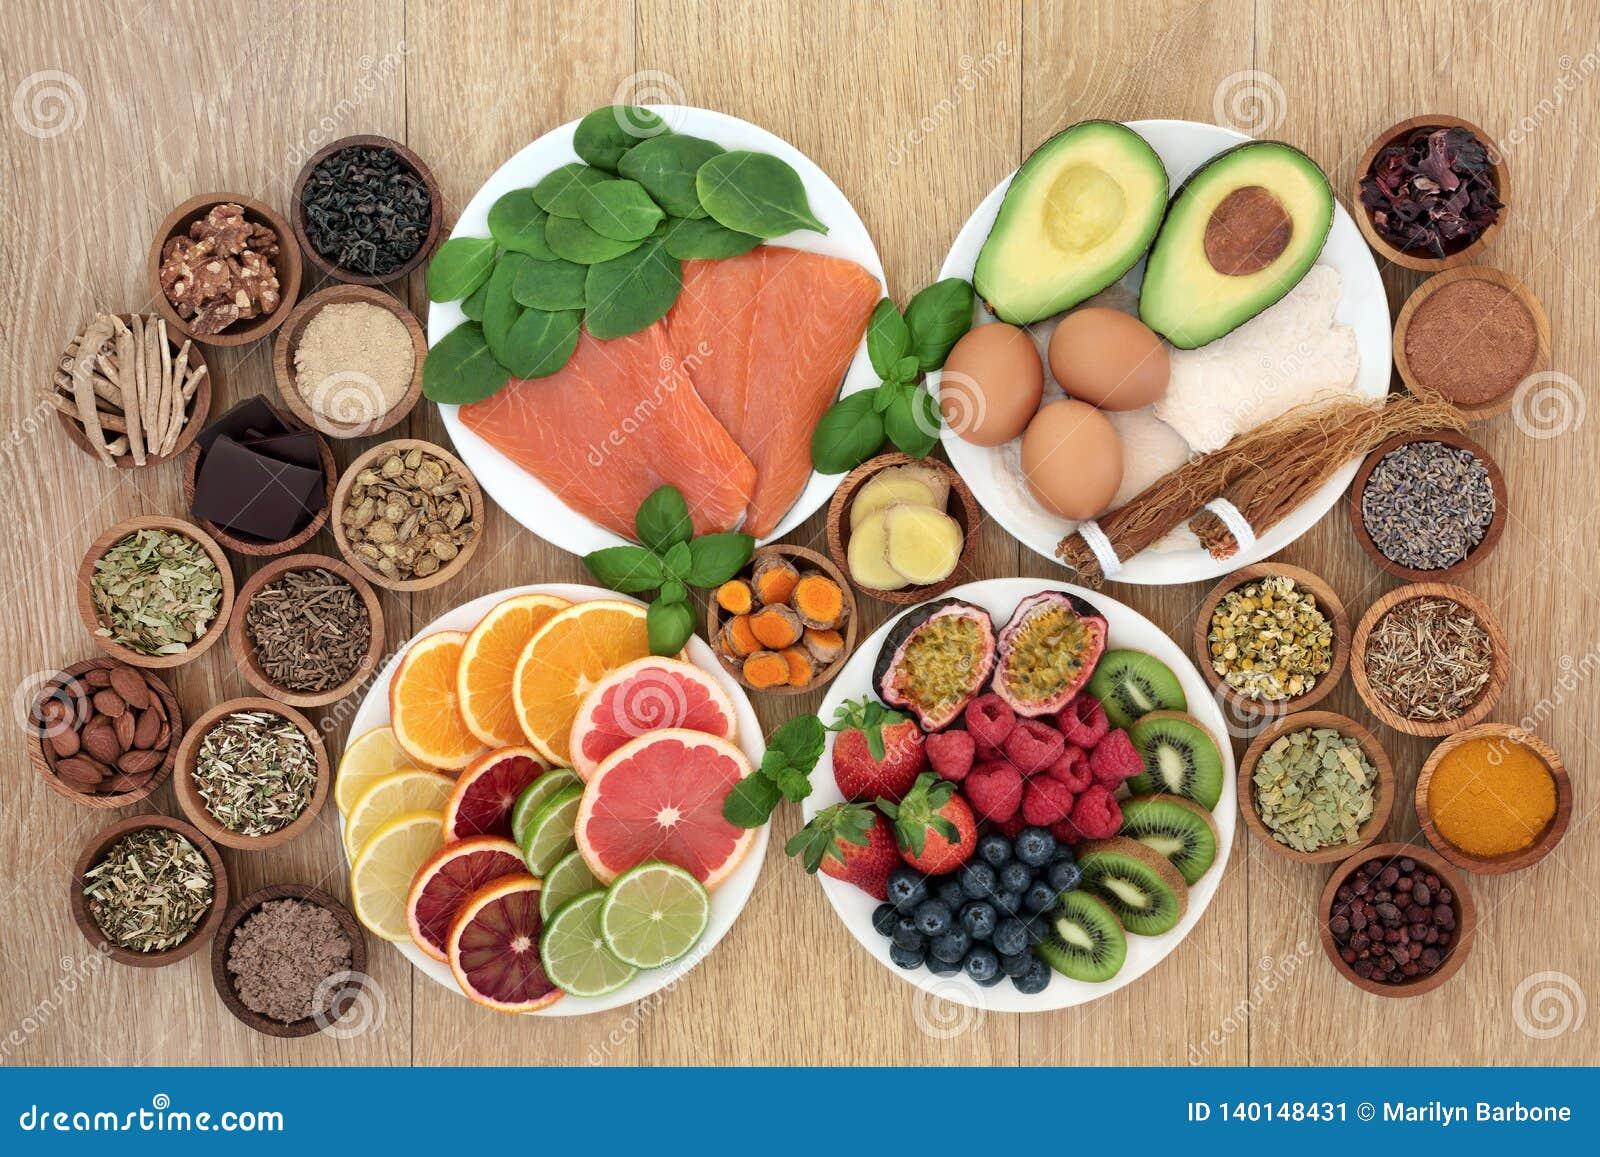 Natuurlijke voeding om Spanning en Bezorgdheid te verminderen